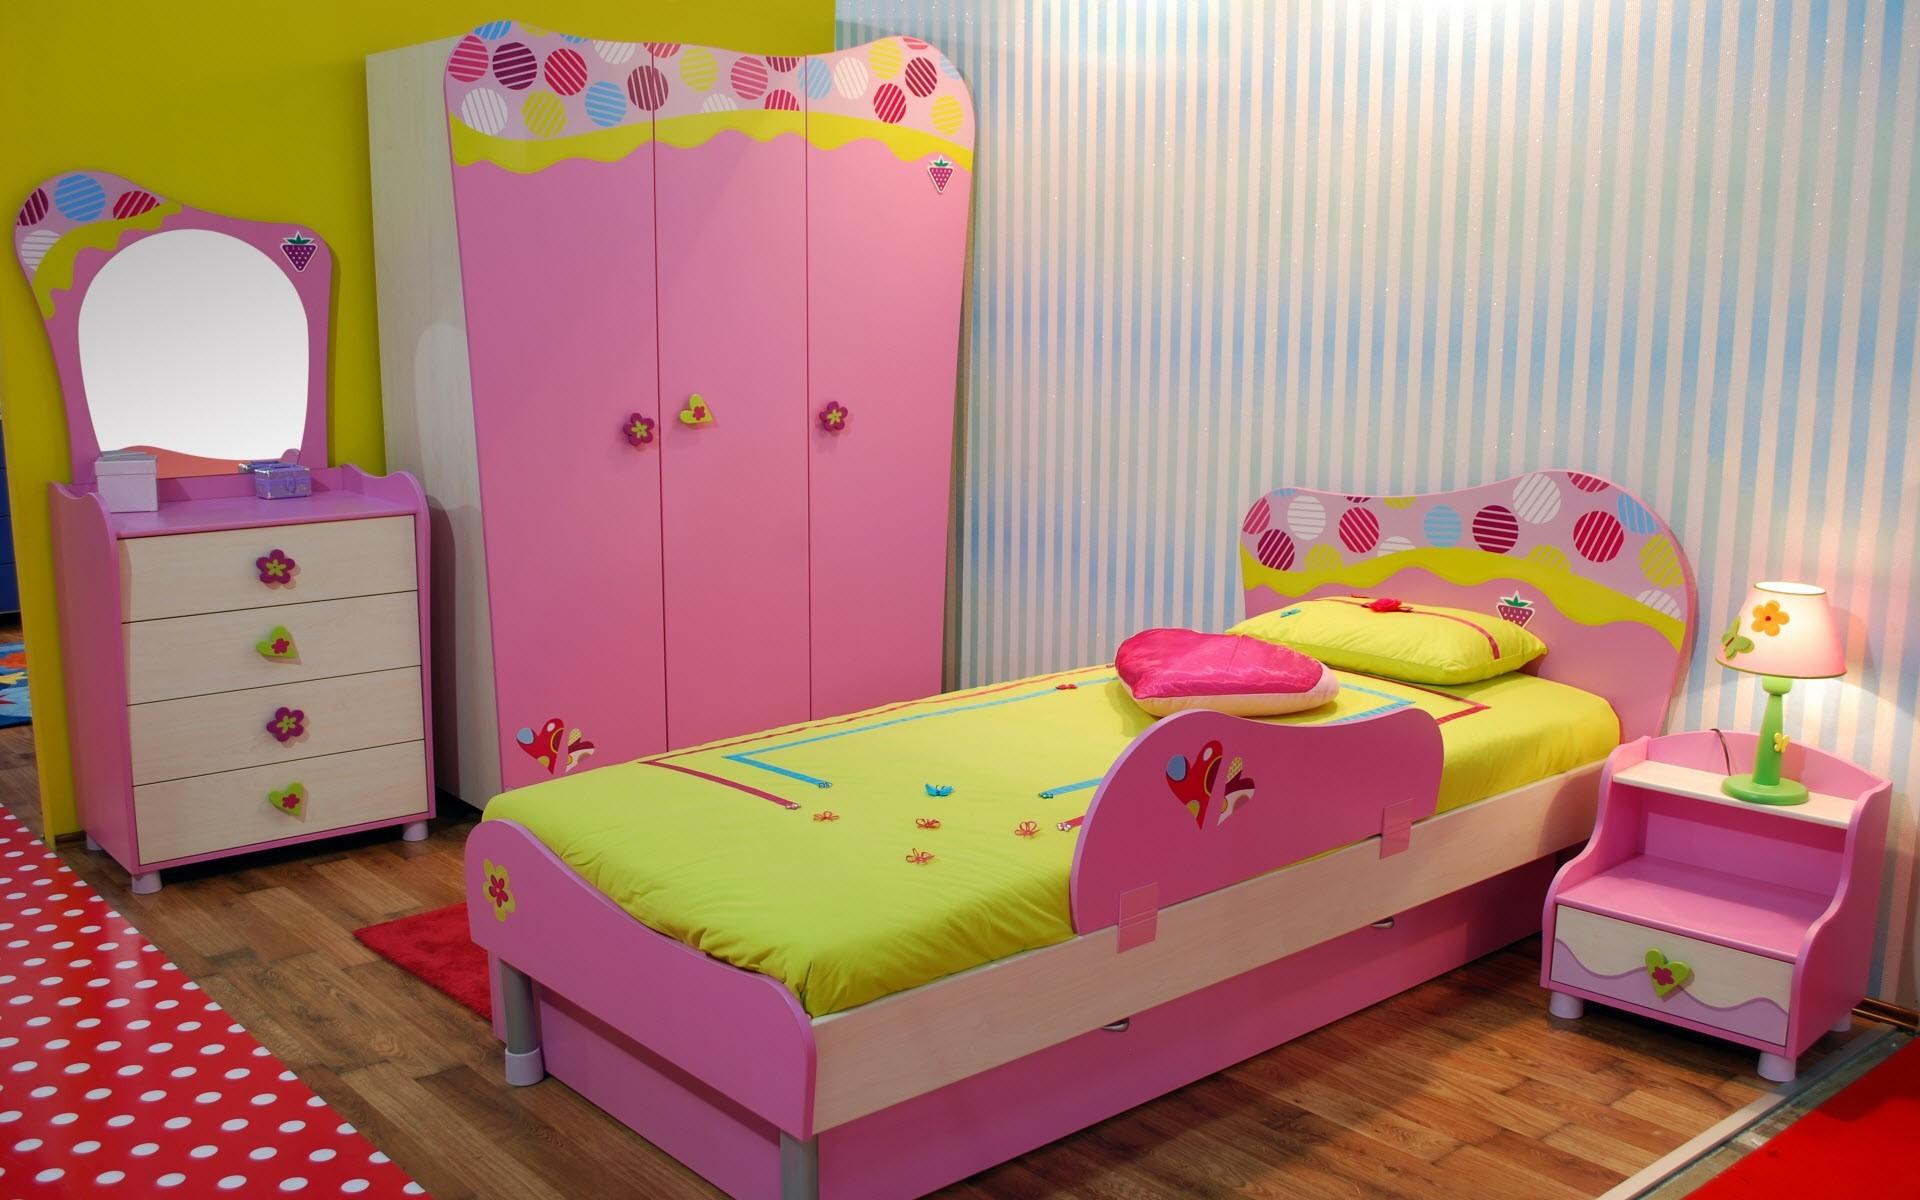 Decoración para niñas hd 1920x1200 - imagenes - wallpapers gratis ...